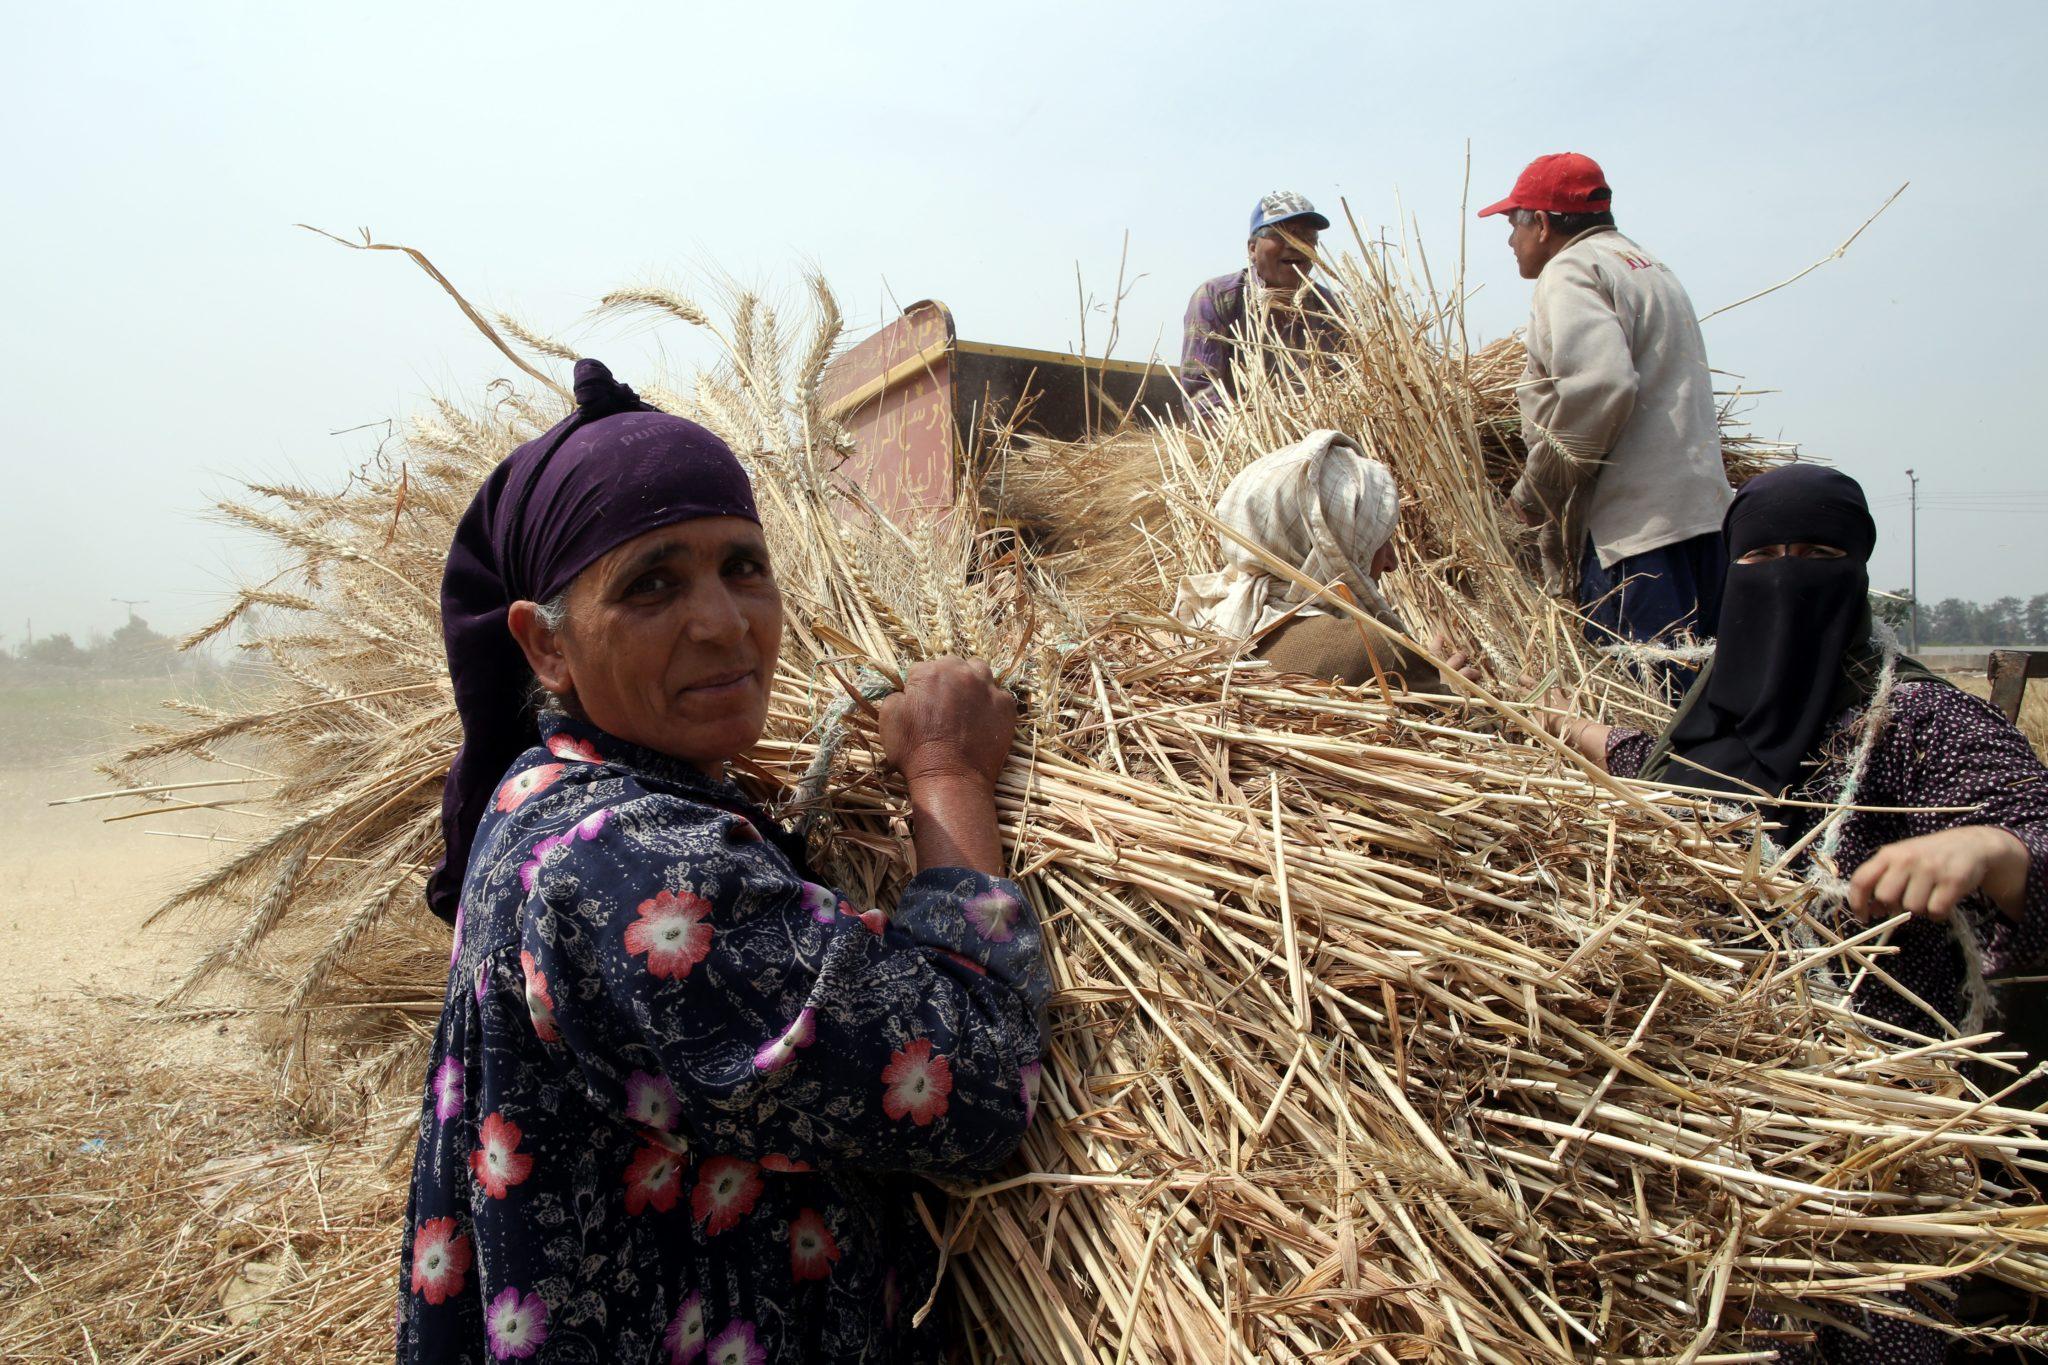 Egipt: prace rolnicze w okolicach Kairu (foto. PAP/EPA/KHALED ELFIQI)